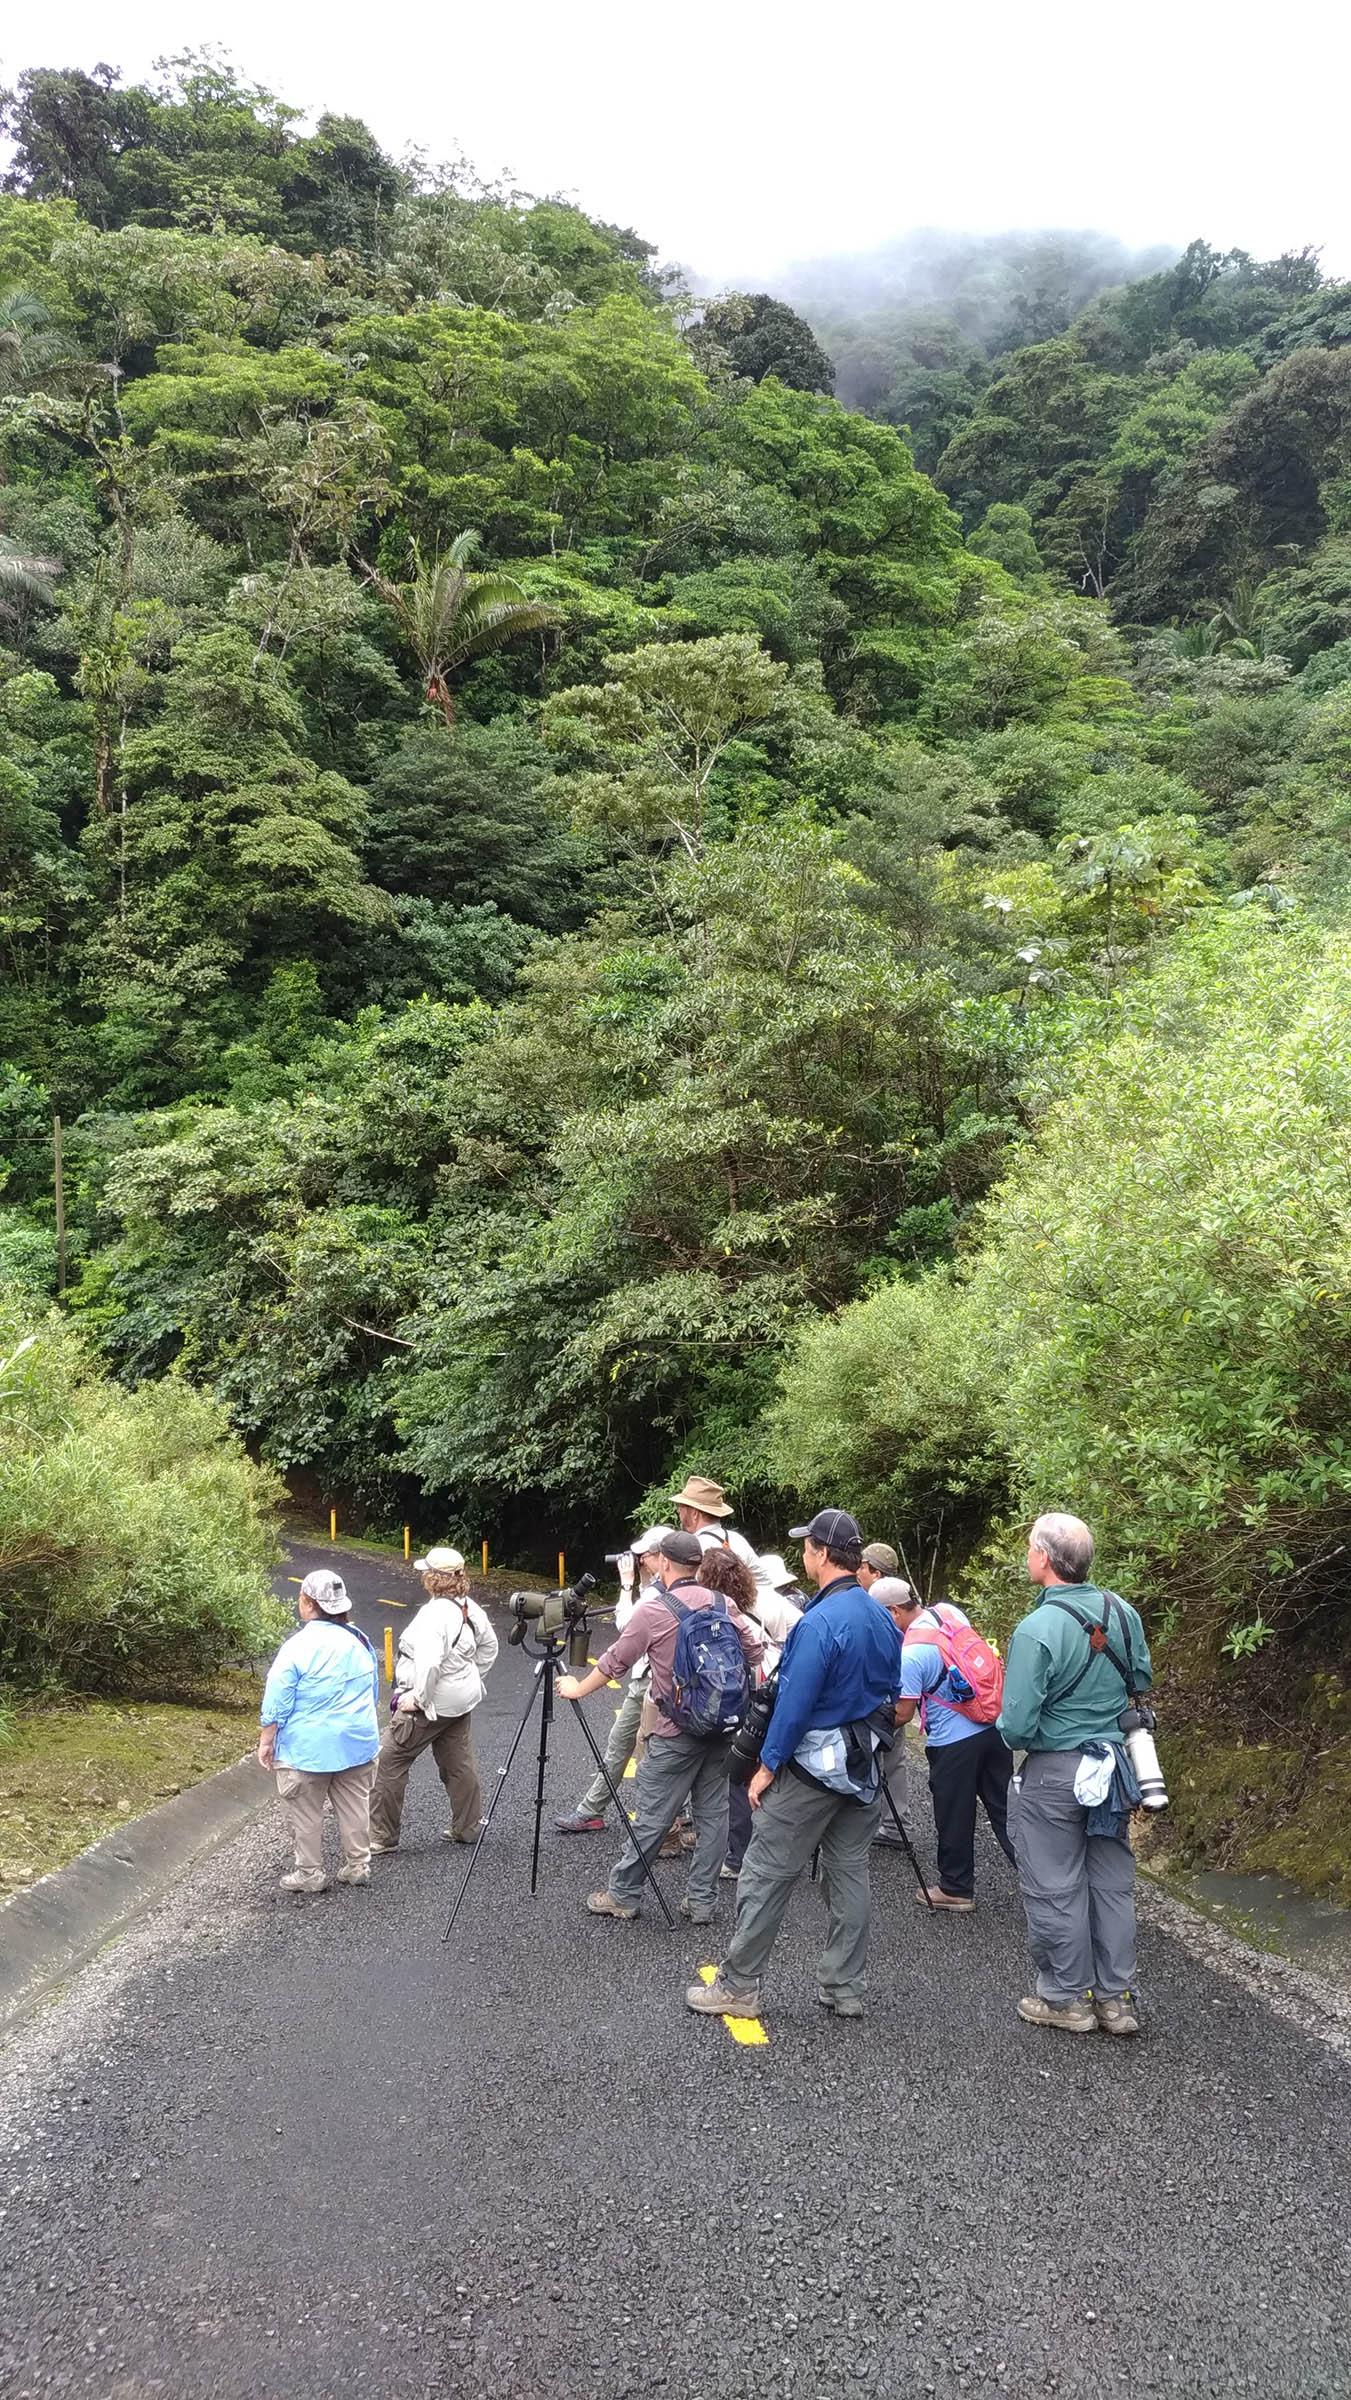 Birding near El Valle de Antón